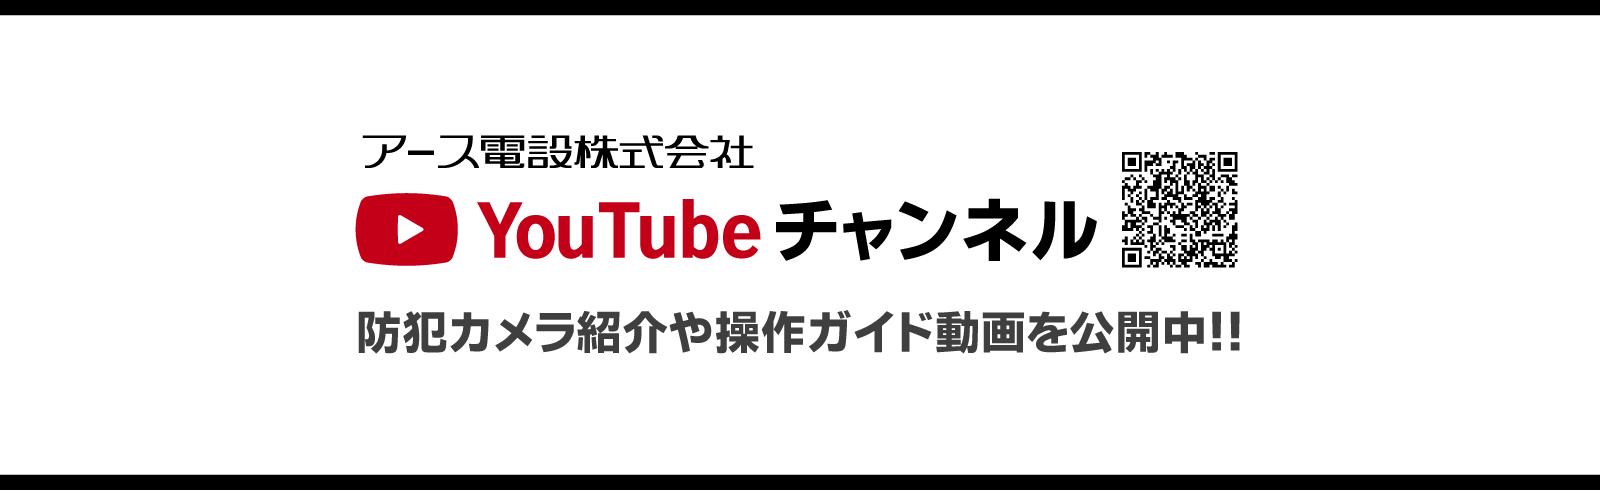 アース電設YouTubチャンネルにて動画公開中